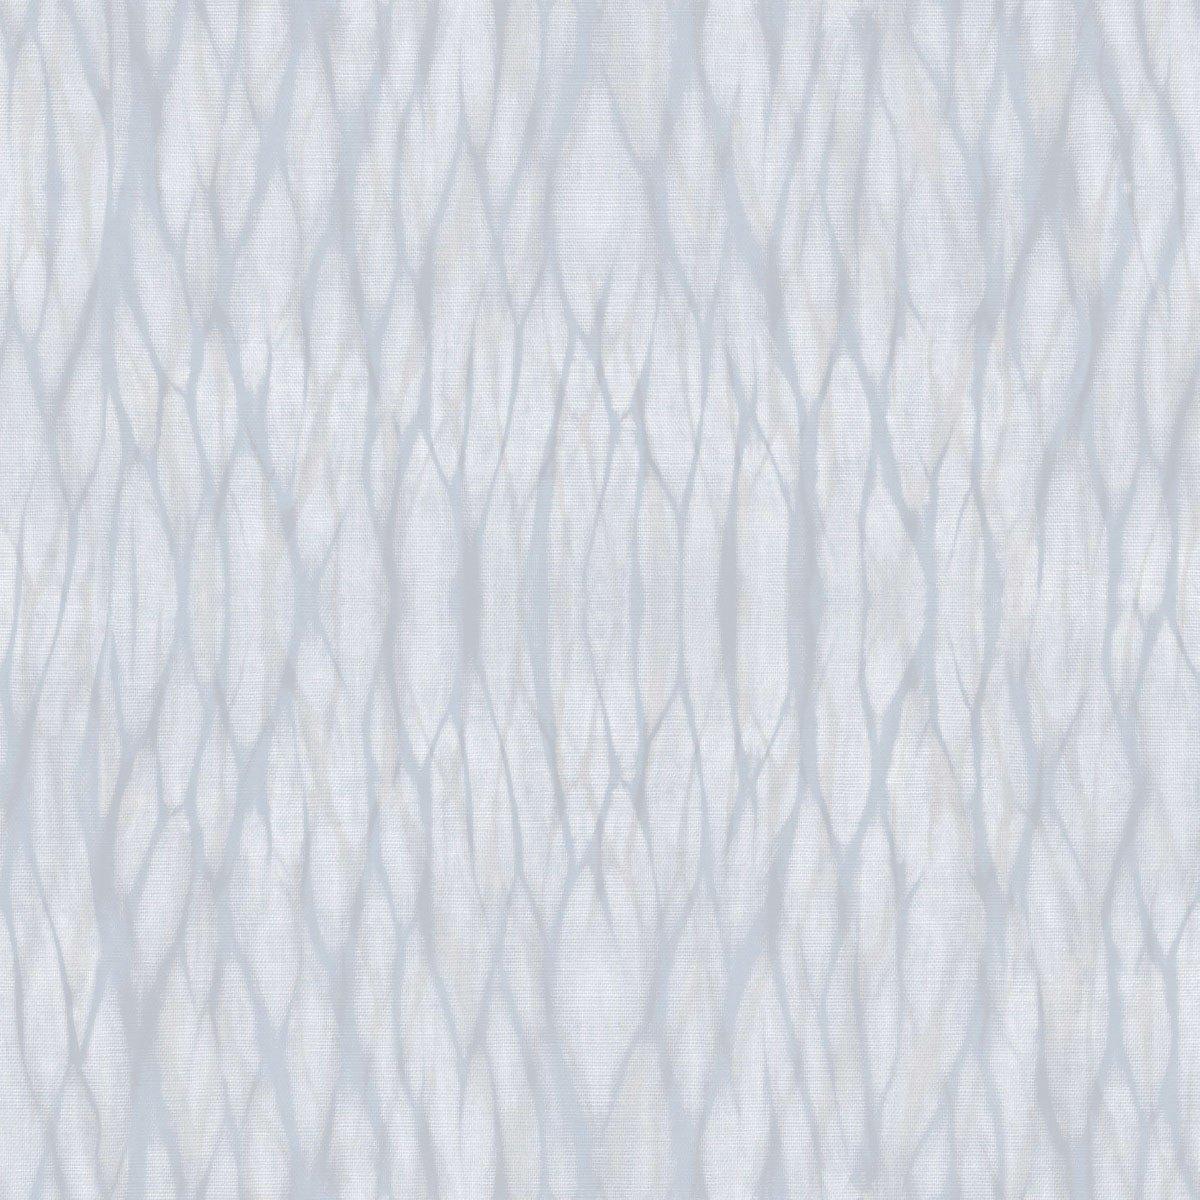 DansLemur 5056-3 - Papel pintado TNT con efecto textura algodón, color azul: Amazon.es: Bricolaje y herramientas